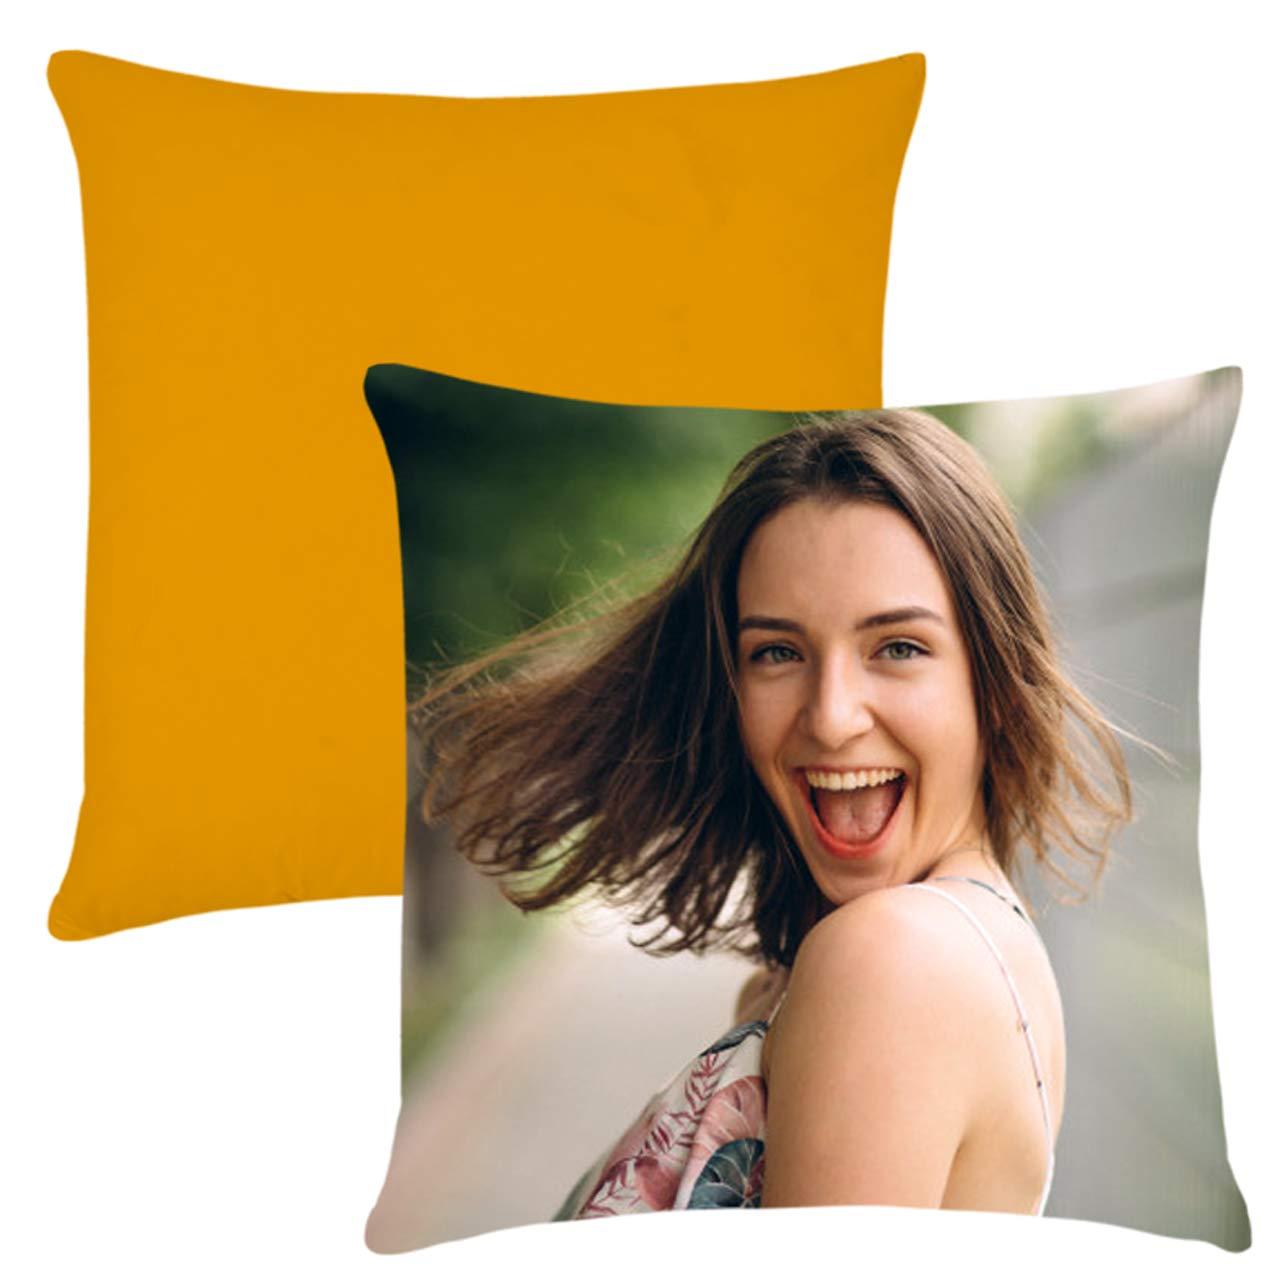 Age Print Cuscino Personalizzato con Foto Retro colorato 40x40cm Lime